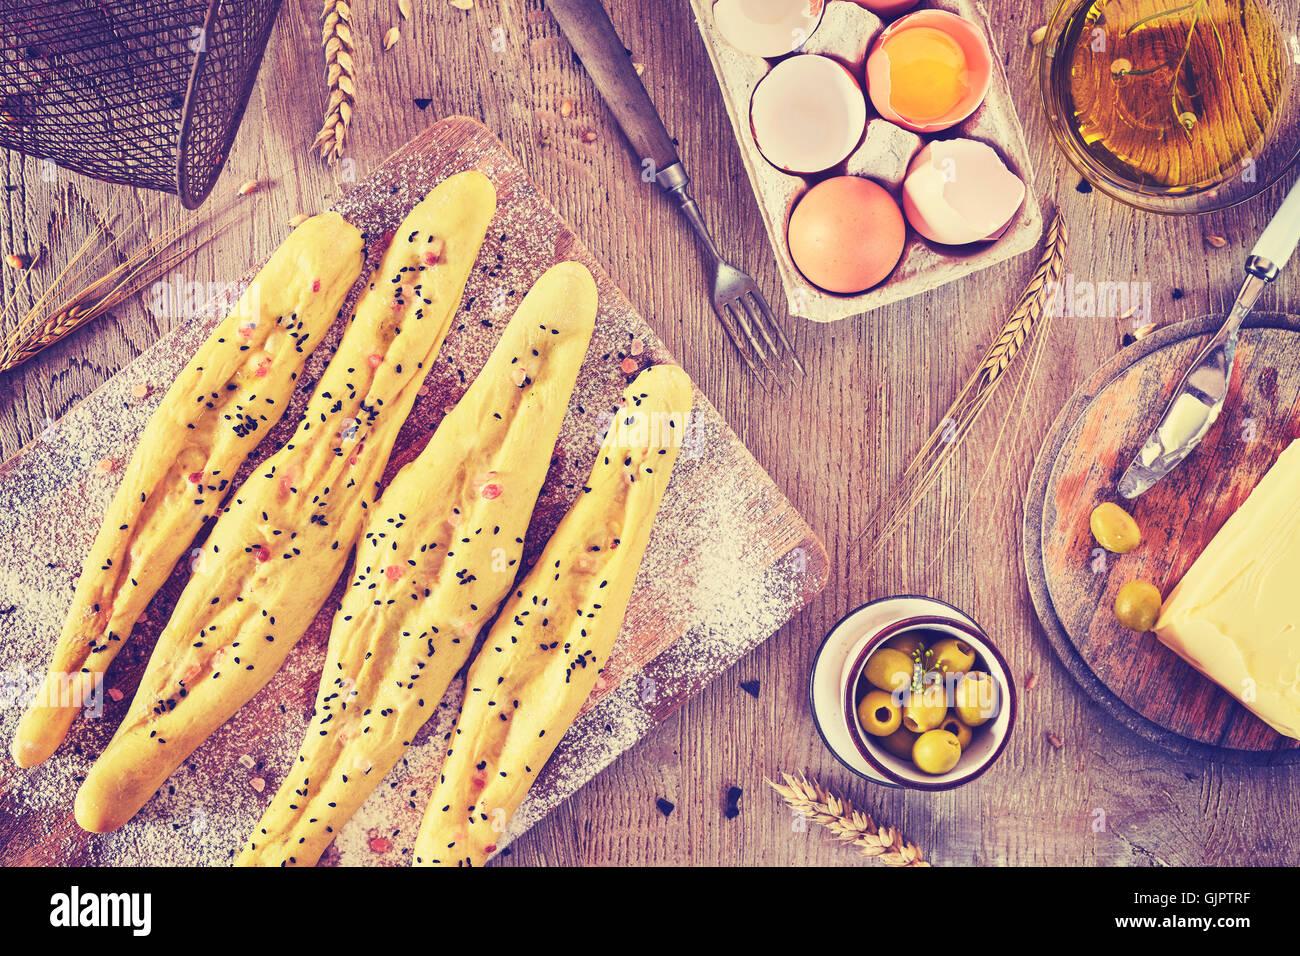 Tons Vintage bâtonnets de pain prêt à cuire, cadre rustique, sur une table en bois. Photo Stock